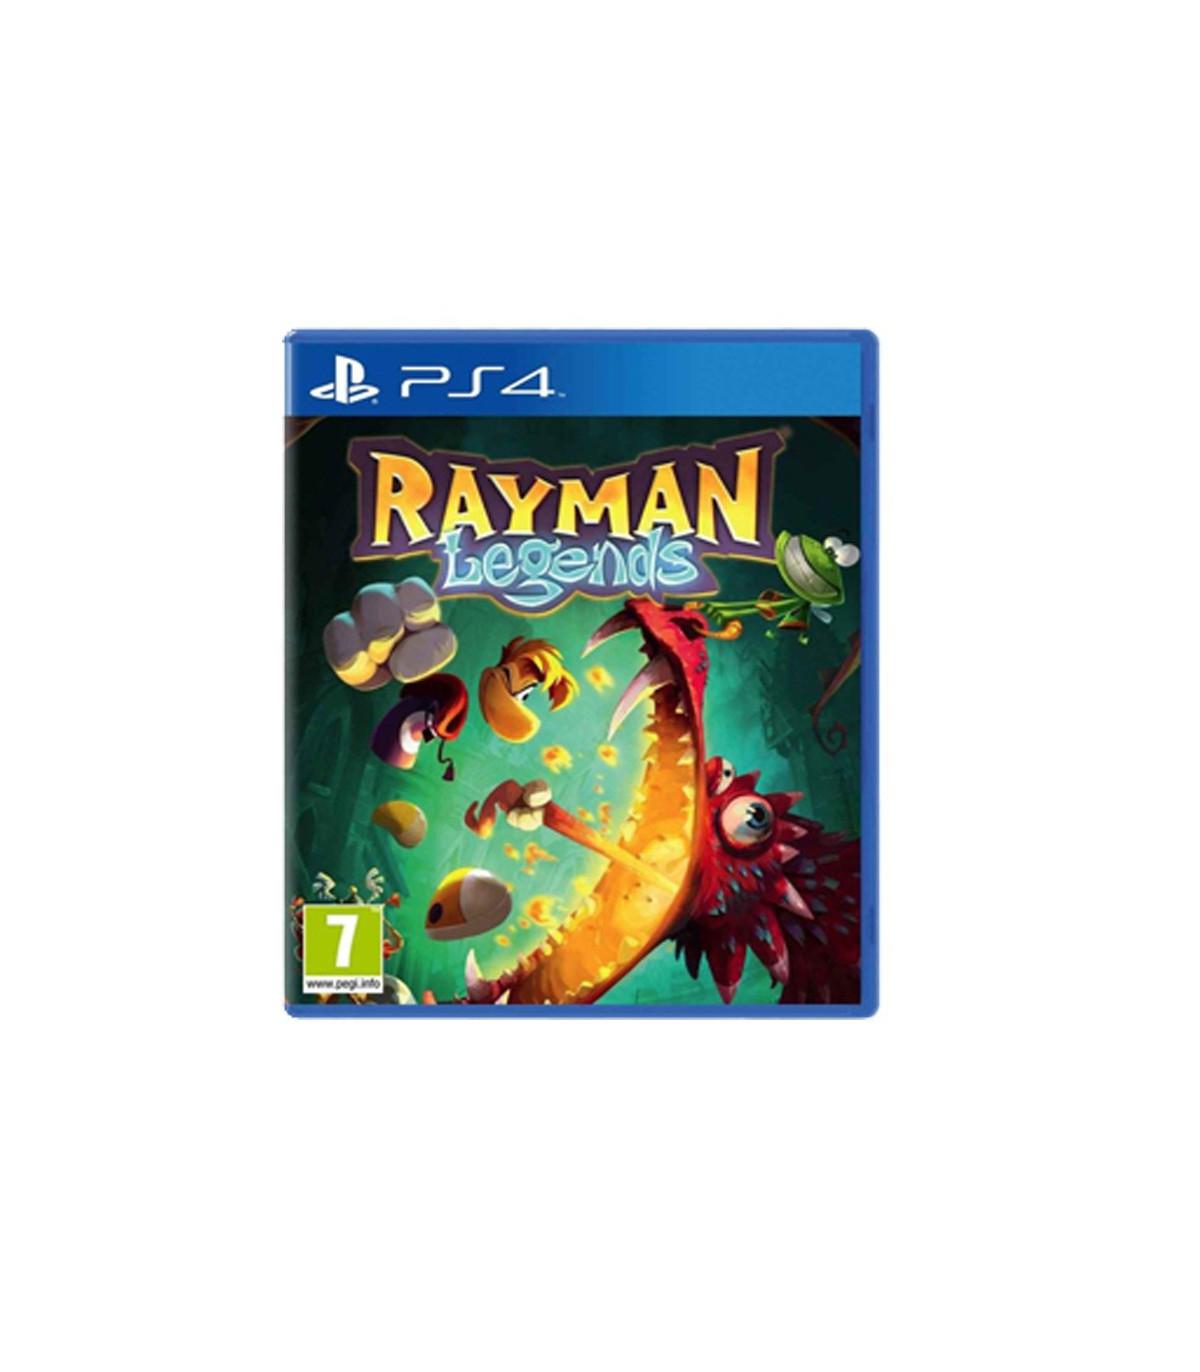 Rayman Legends کارکرده - پلی استیشن ۴